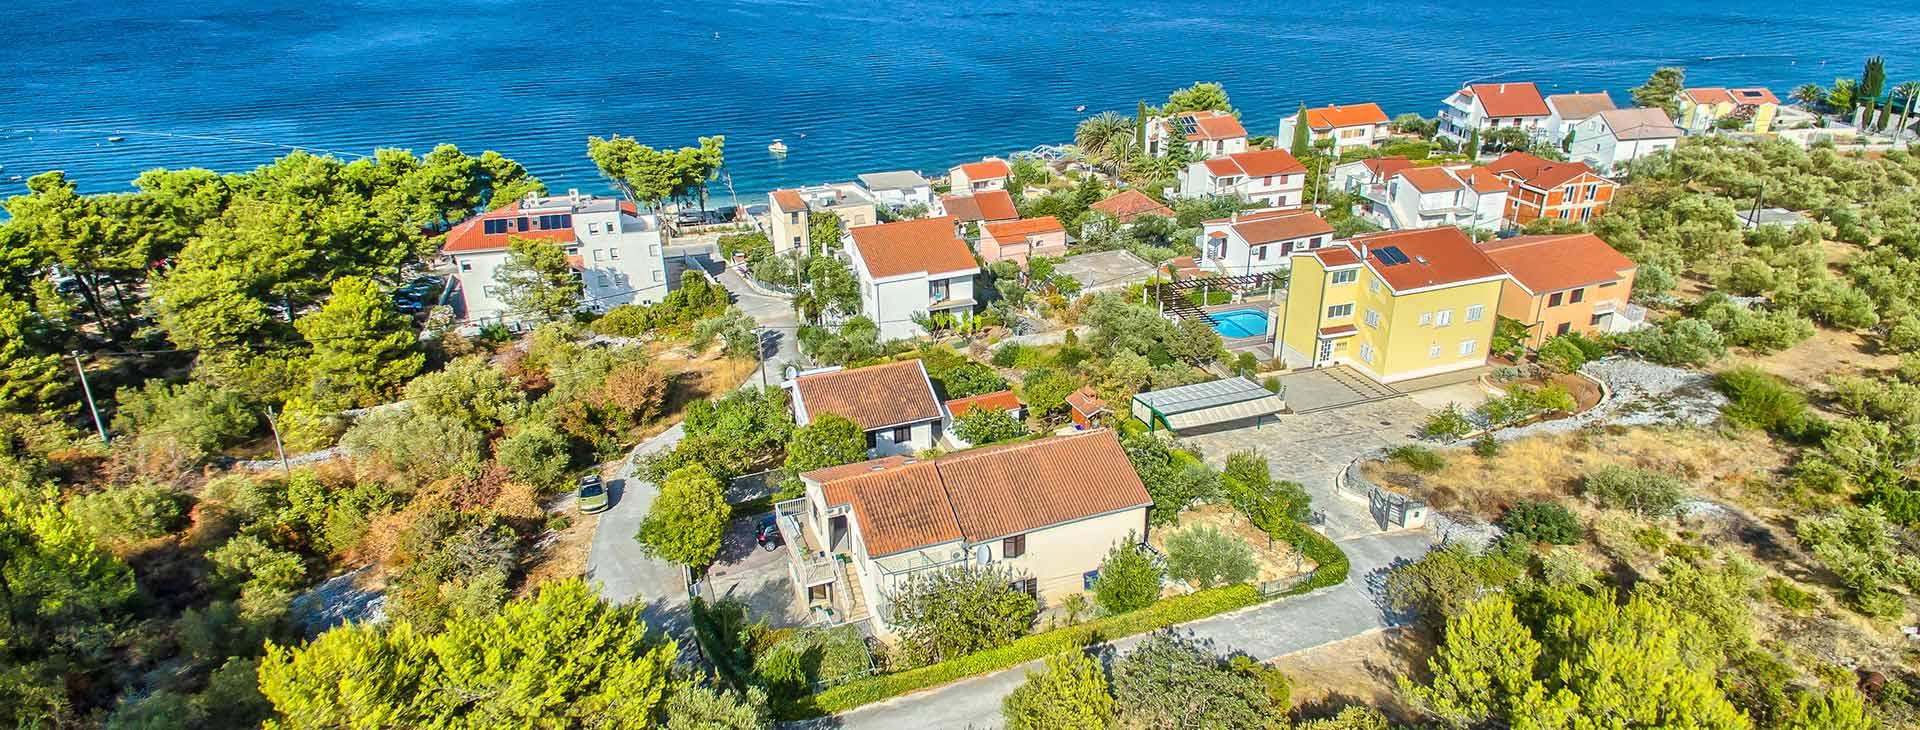 Villa Bijela Kucica Chorwacja Wyspa Ciovo